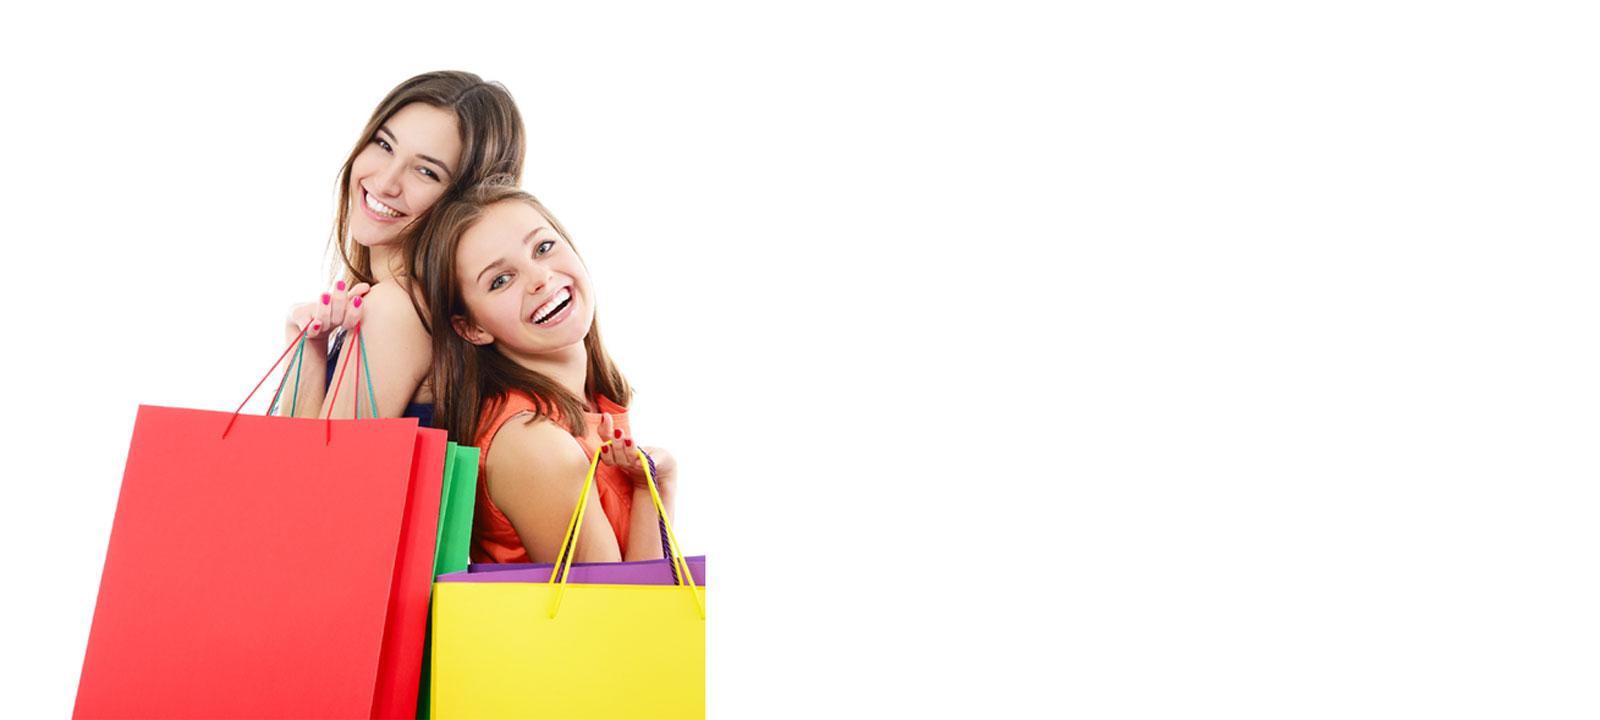 dermoventas, sesderma, azelac ru, cremas online, cosmética online, blog solyo